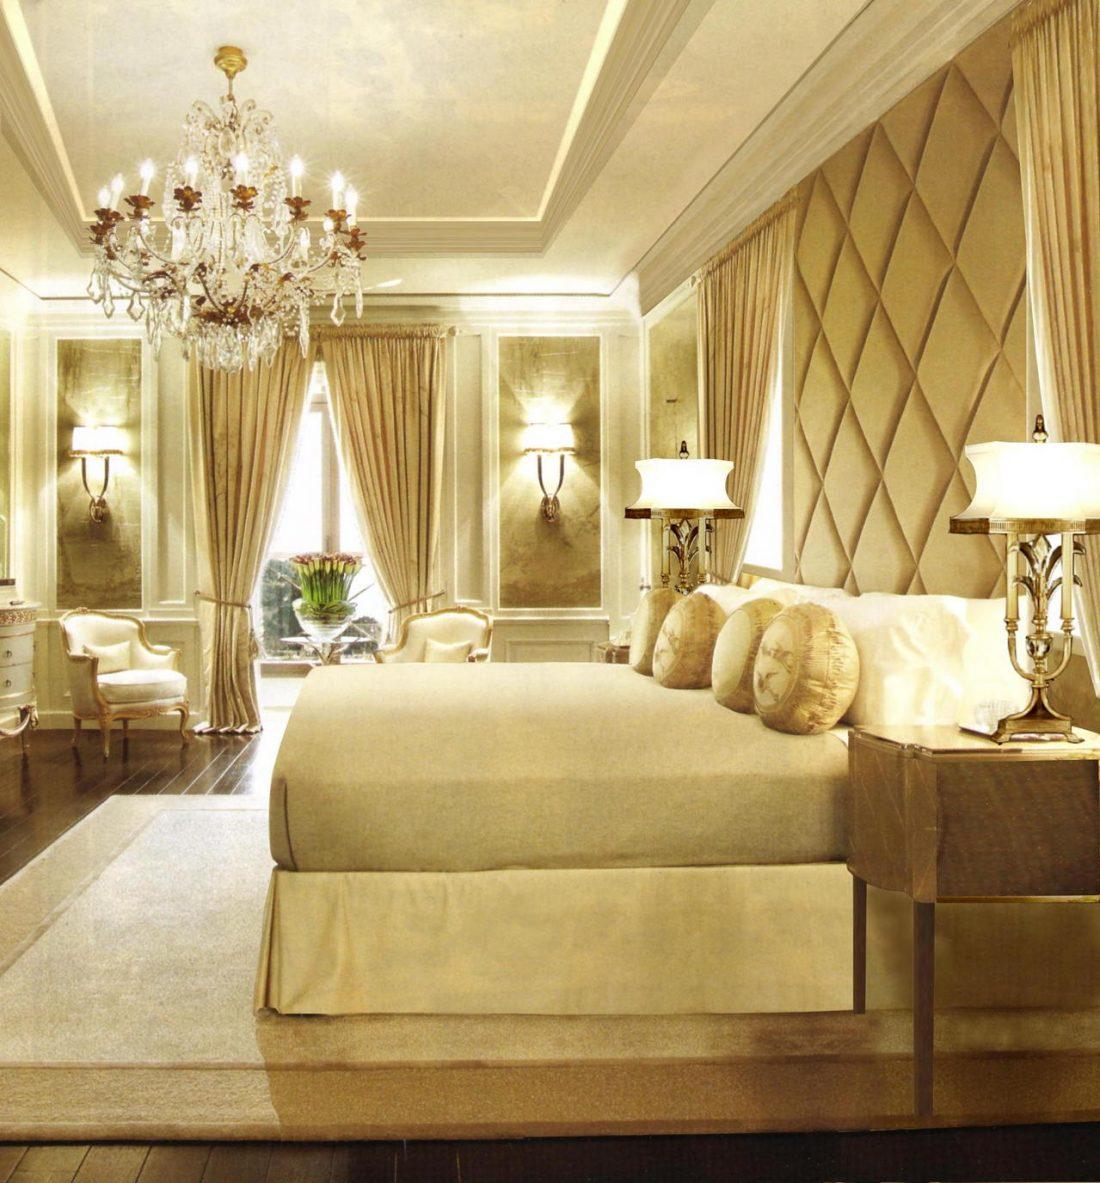 Арт деко стиль в интерьере спальни 13